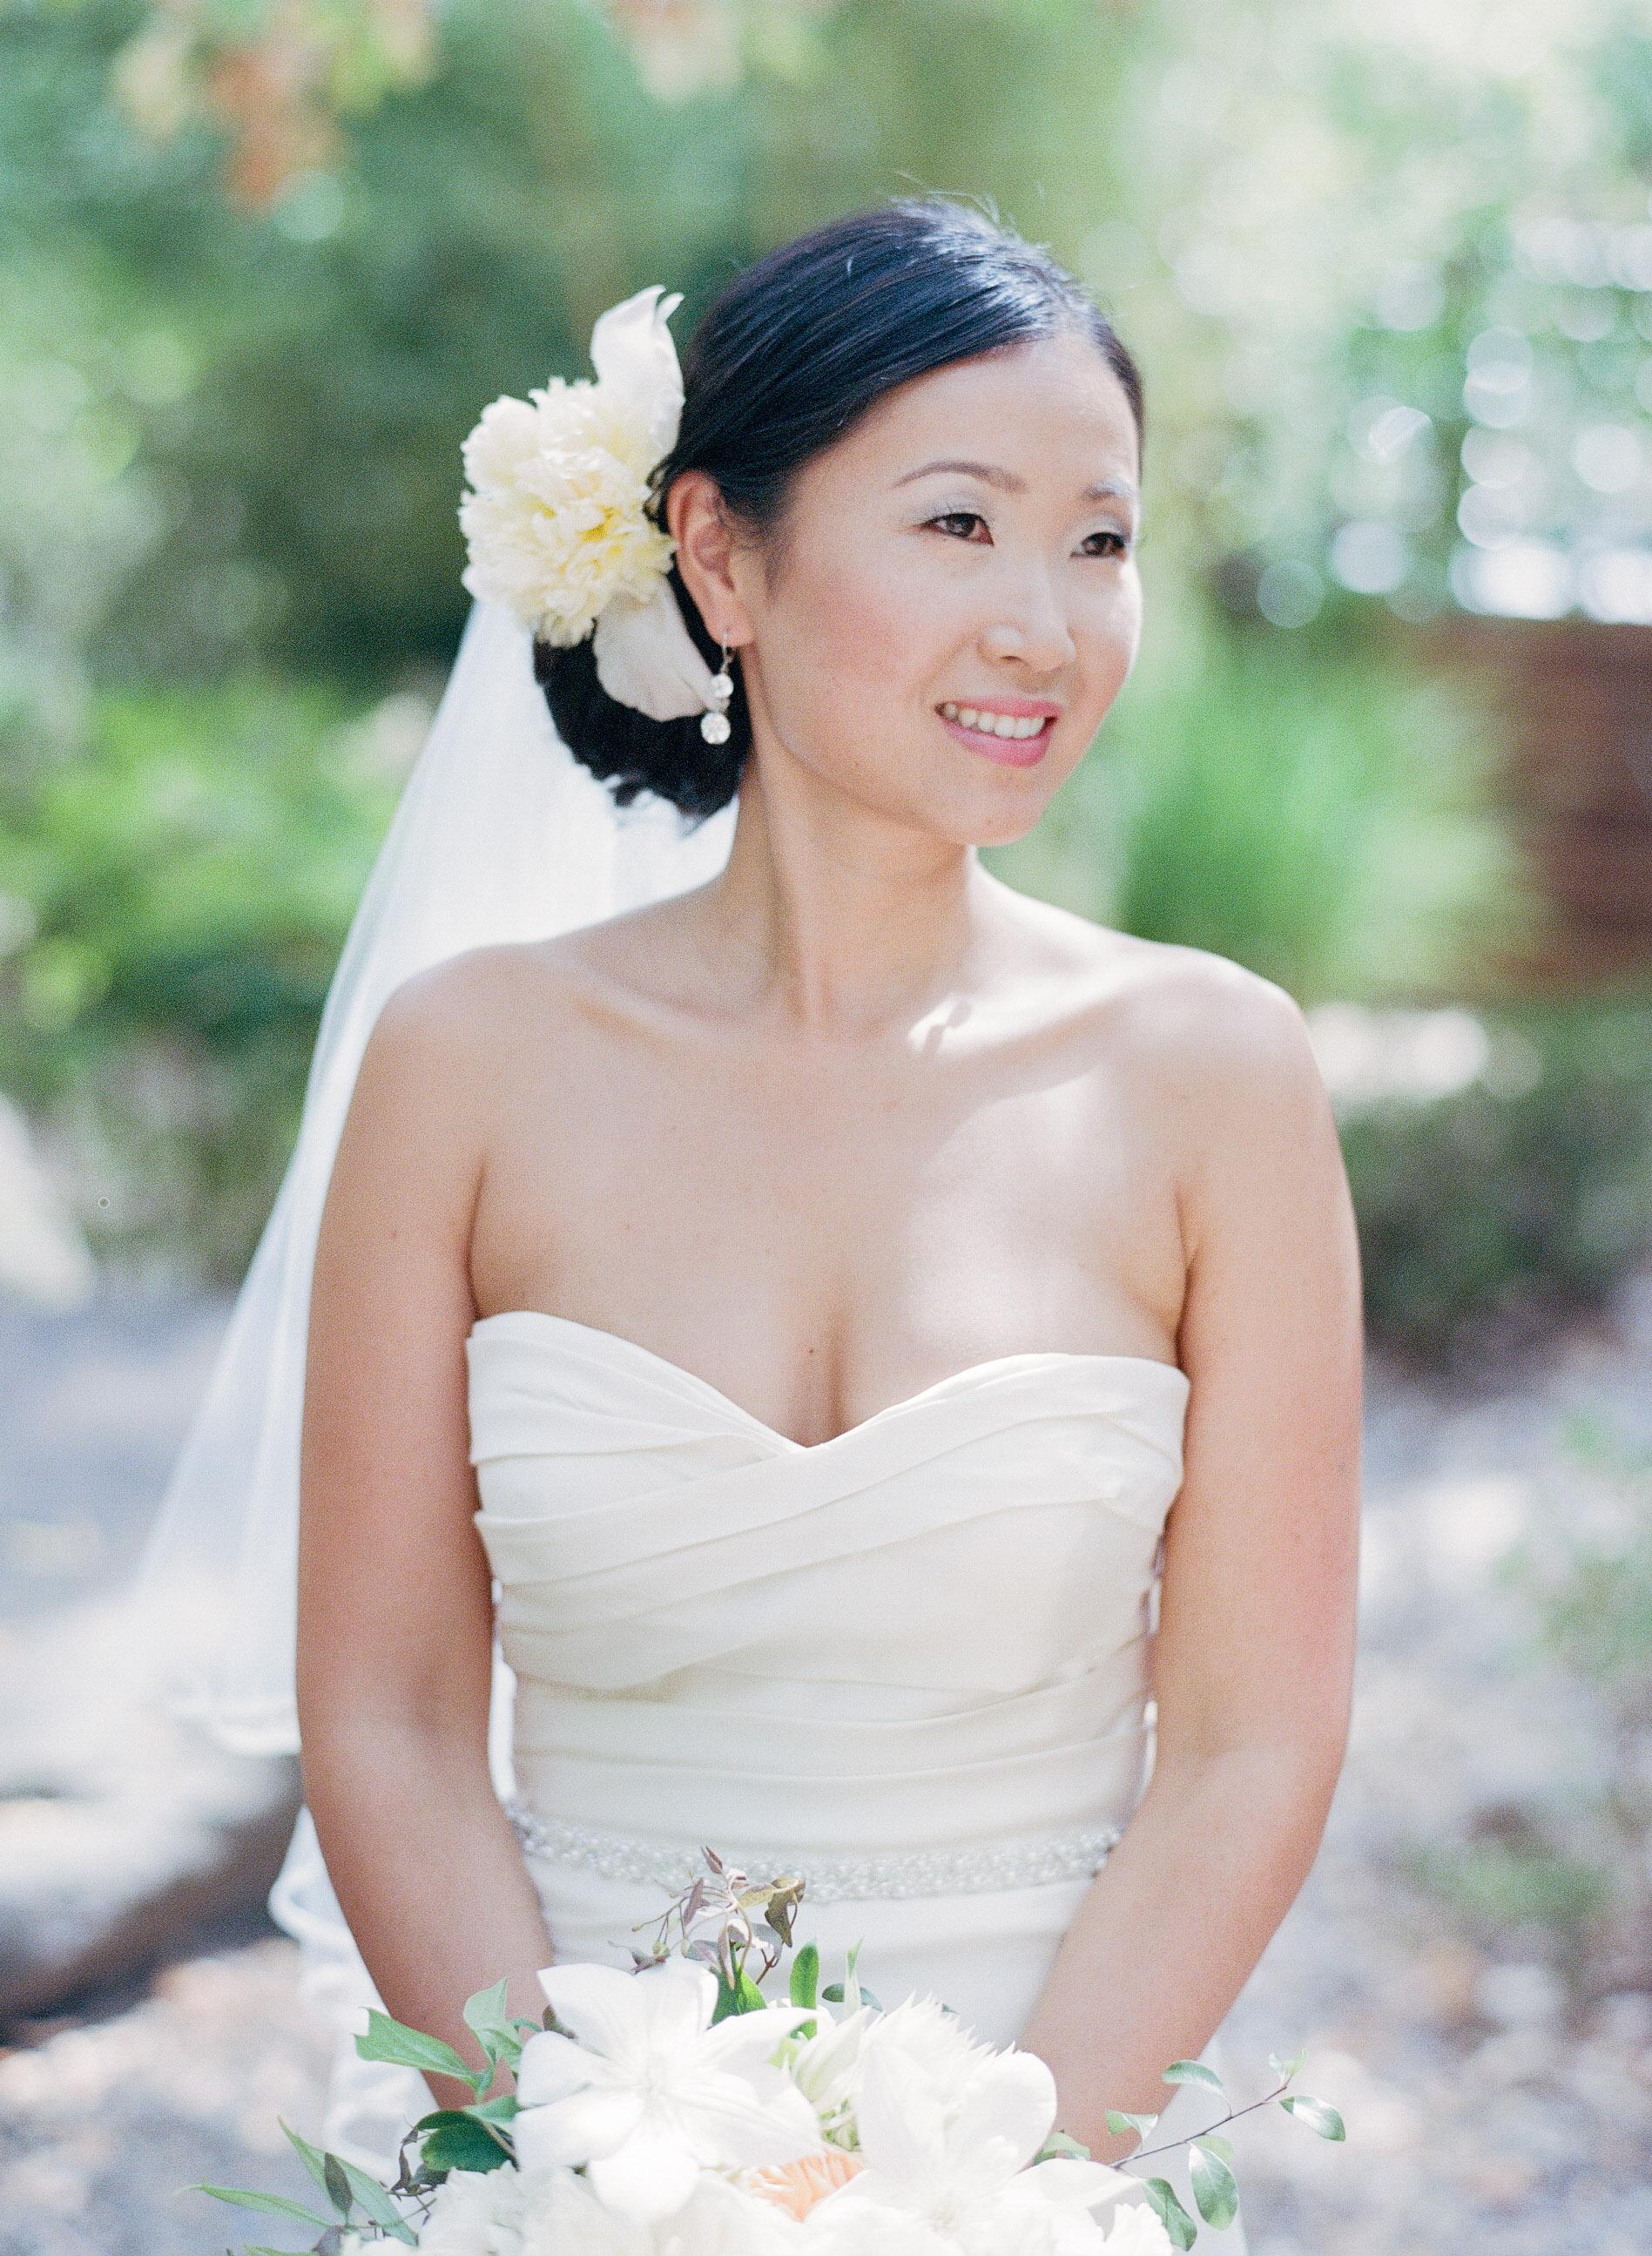 SylvieGil-Bride, Ceremony, Family, film, Groom, Napa, Reception, Wedding, Wedding Party-11.jpg